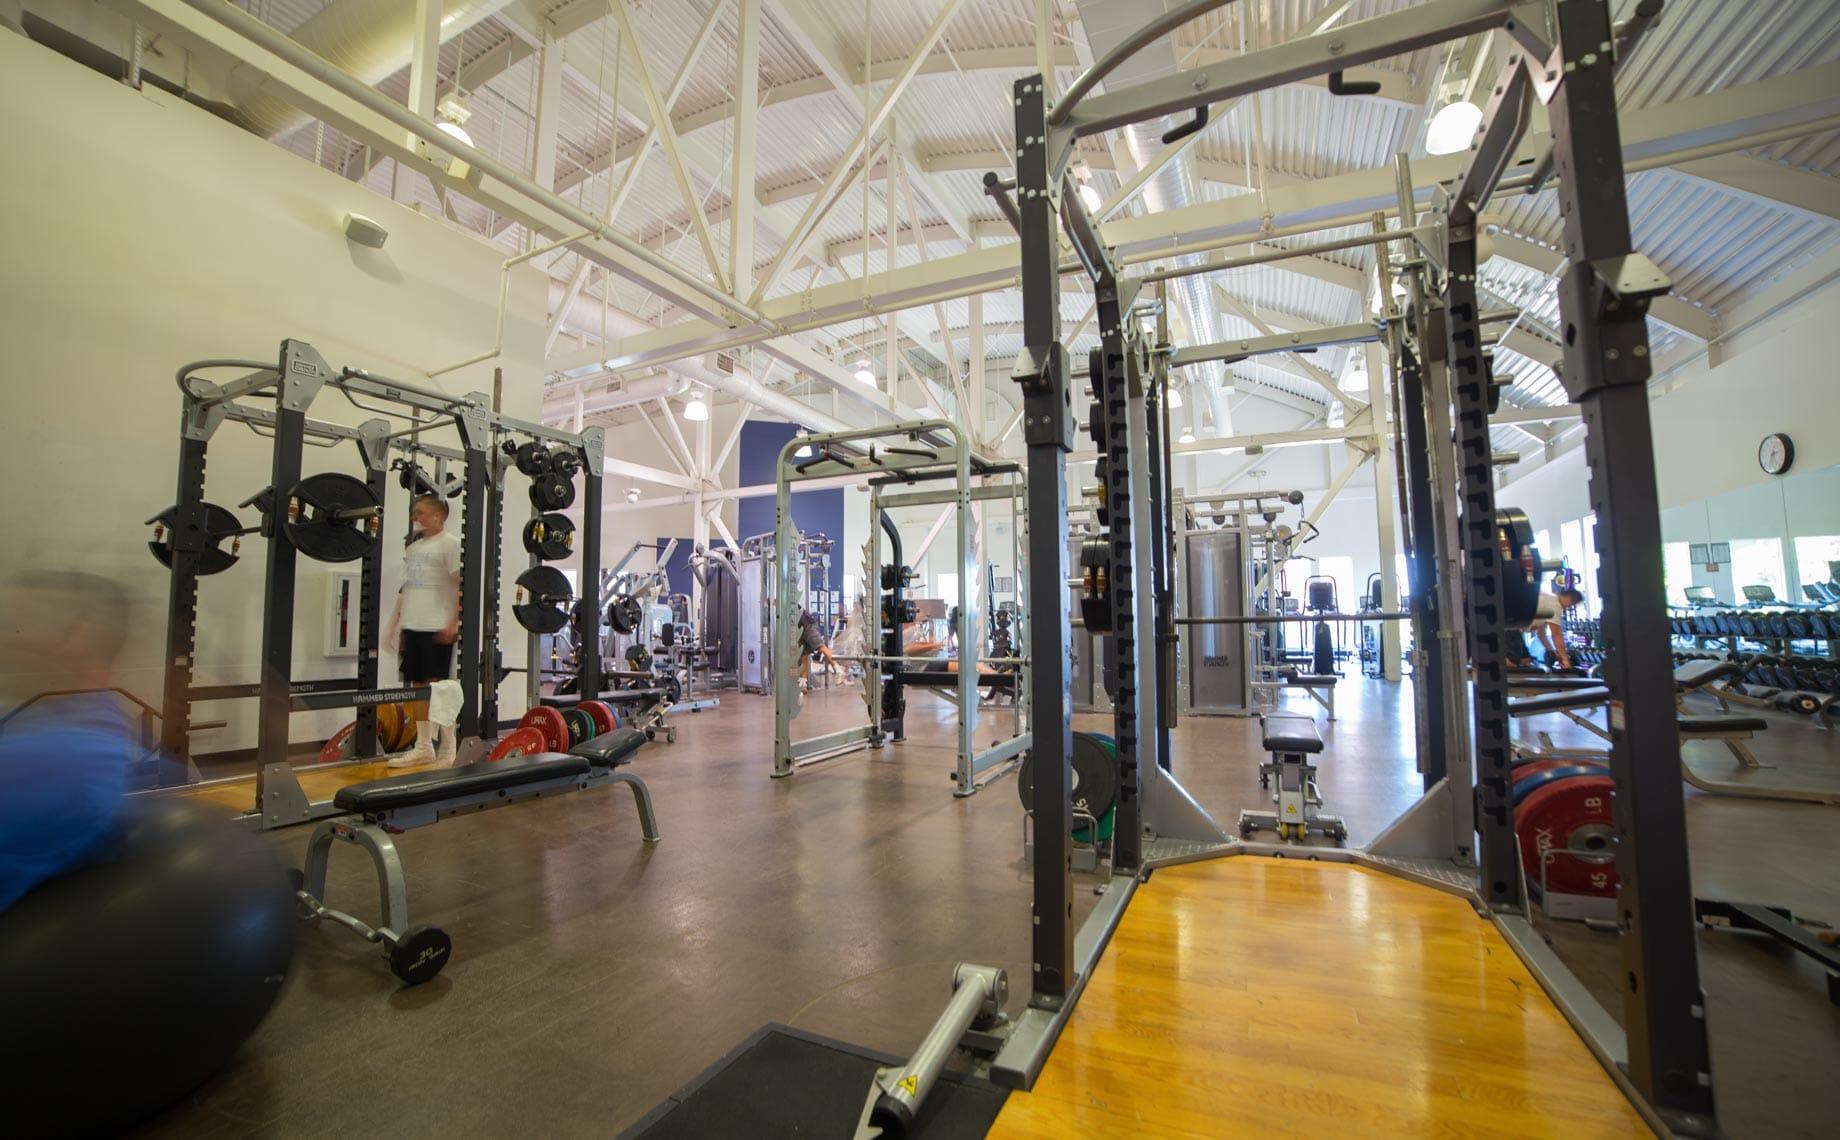 PJCC Fitness Center equipment